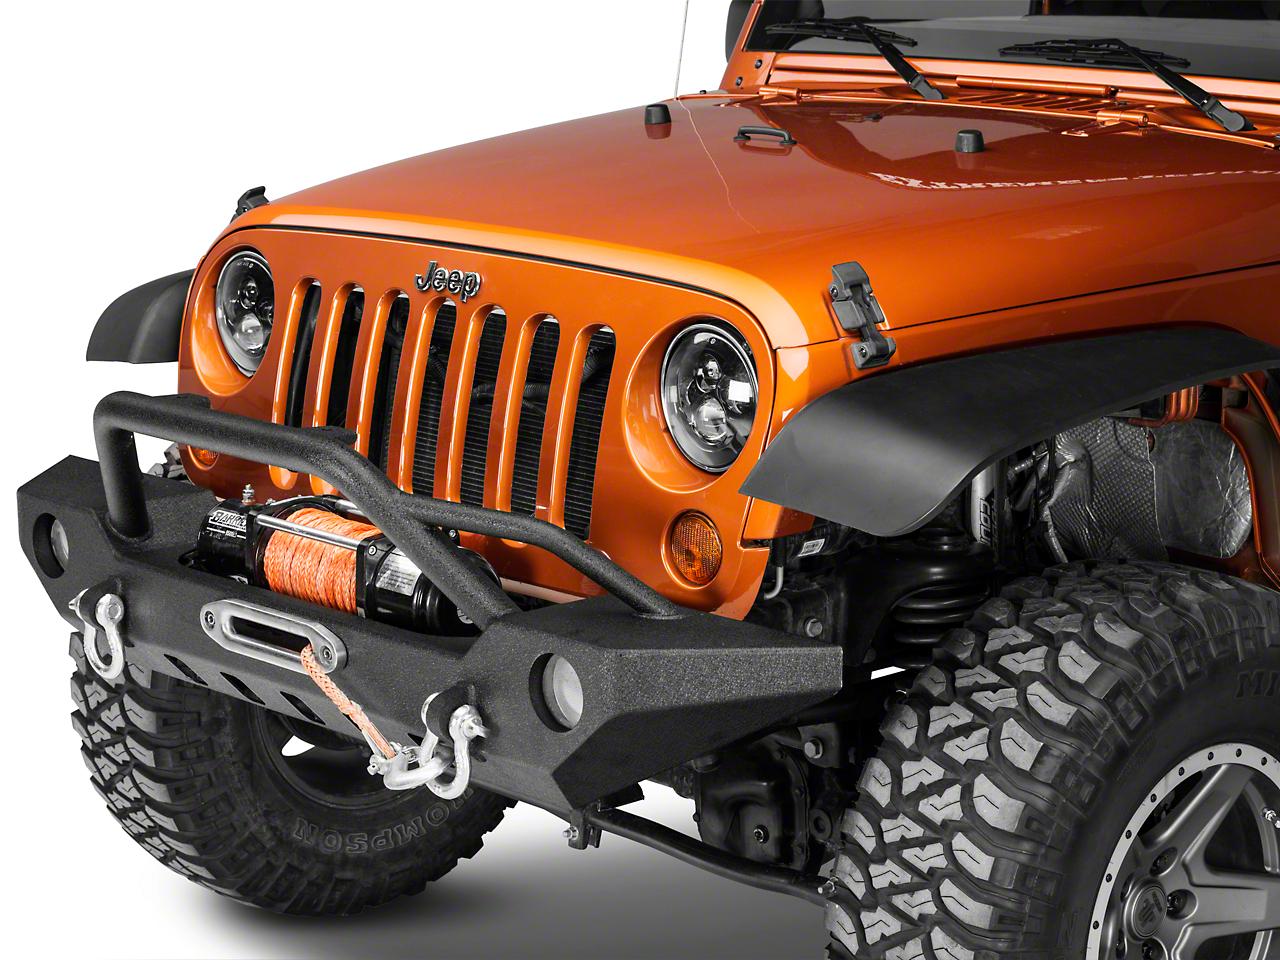 Barricade Adventure HD Front Bumper (07-18 Wrangler JK)